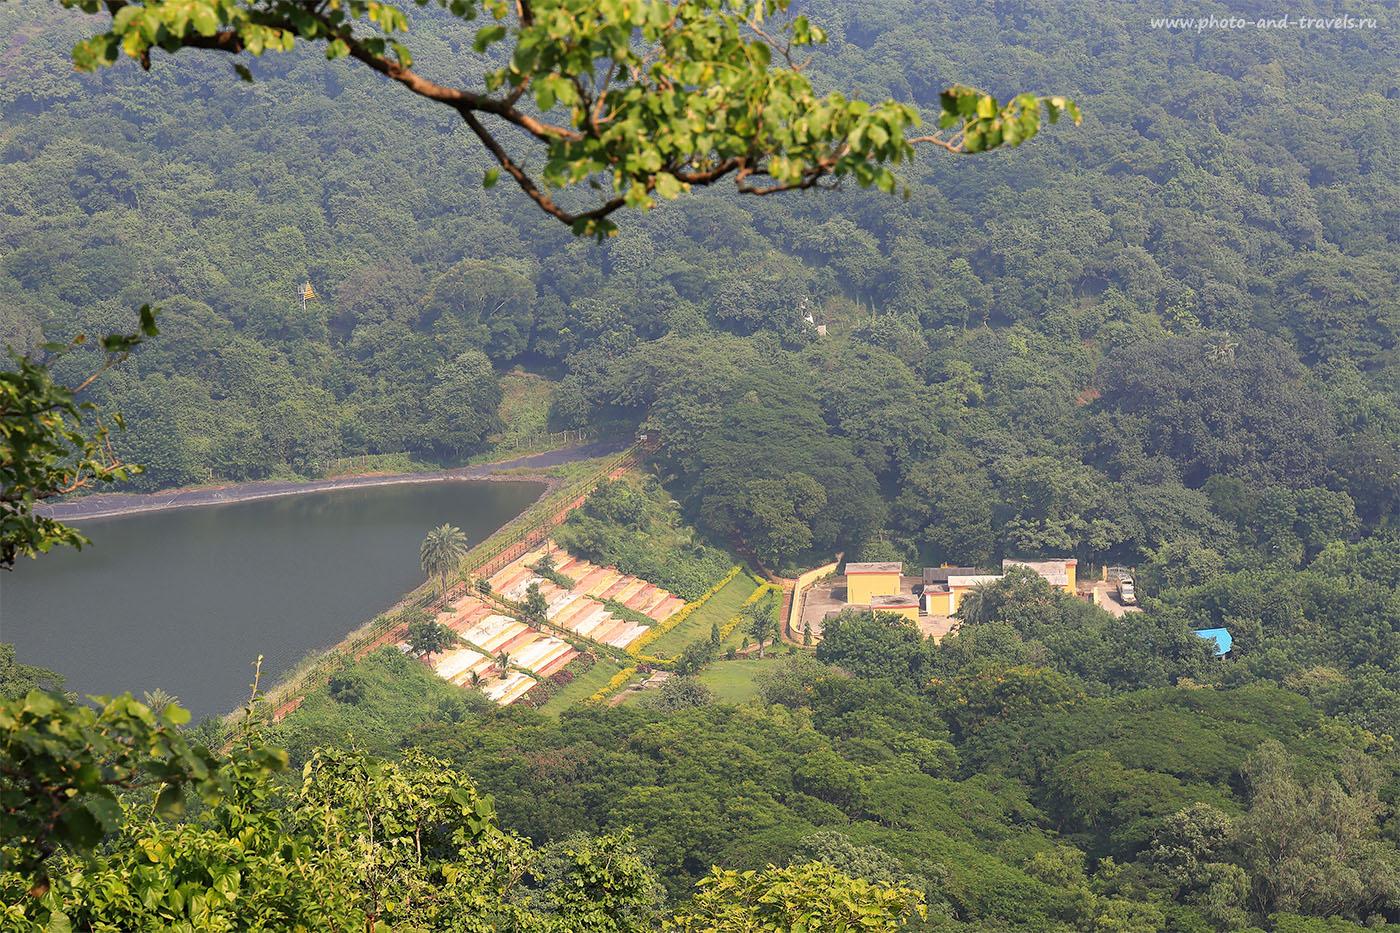 24. Вид на водохранилище. (24-70, 1/200, 0eV, f9, 70mm, ISO 100)